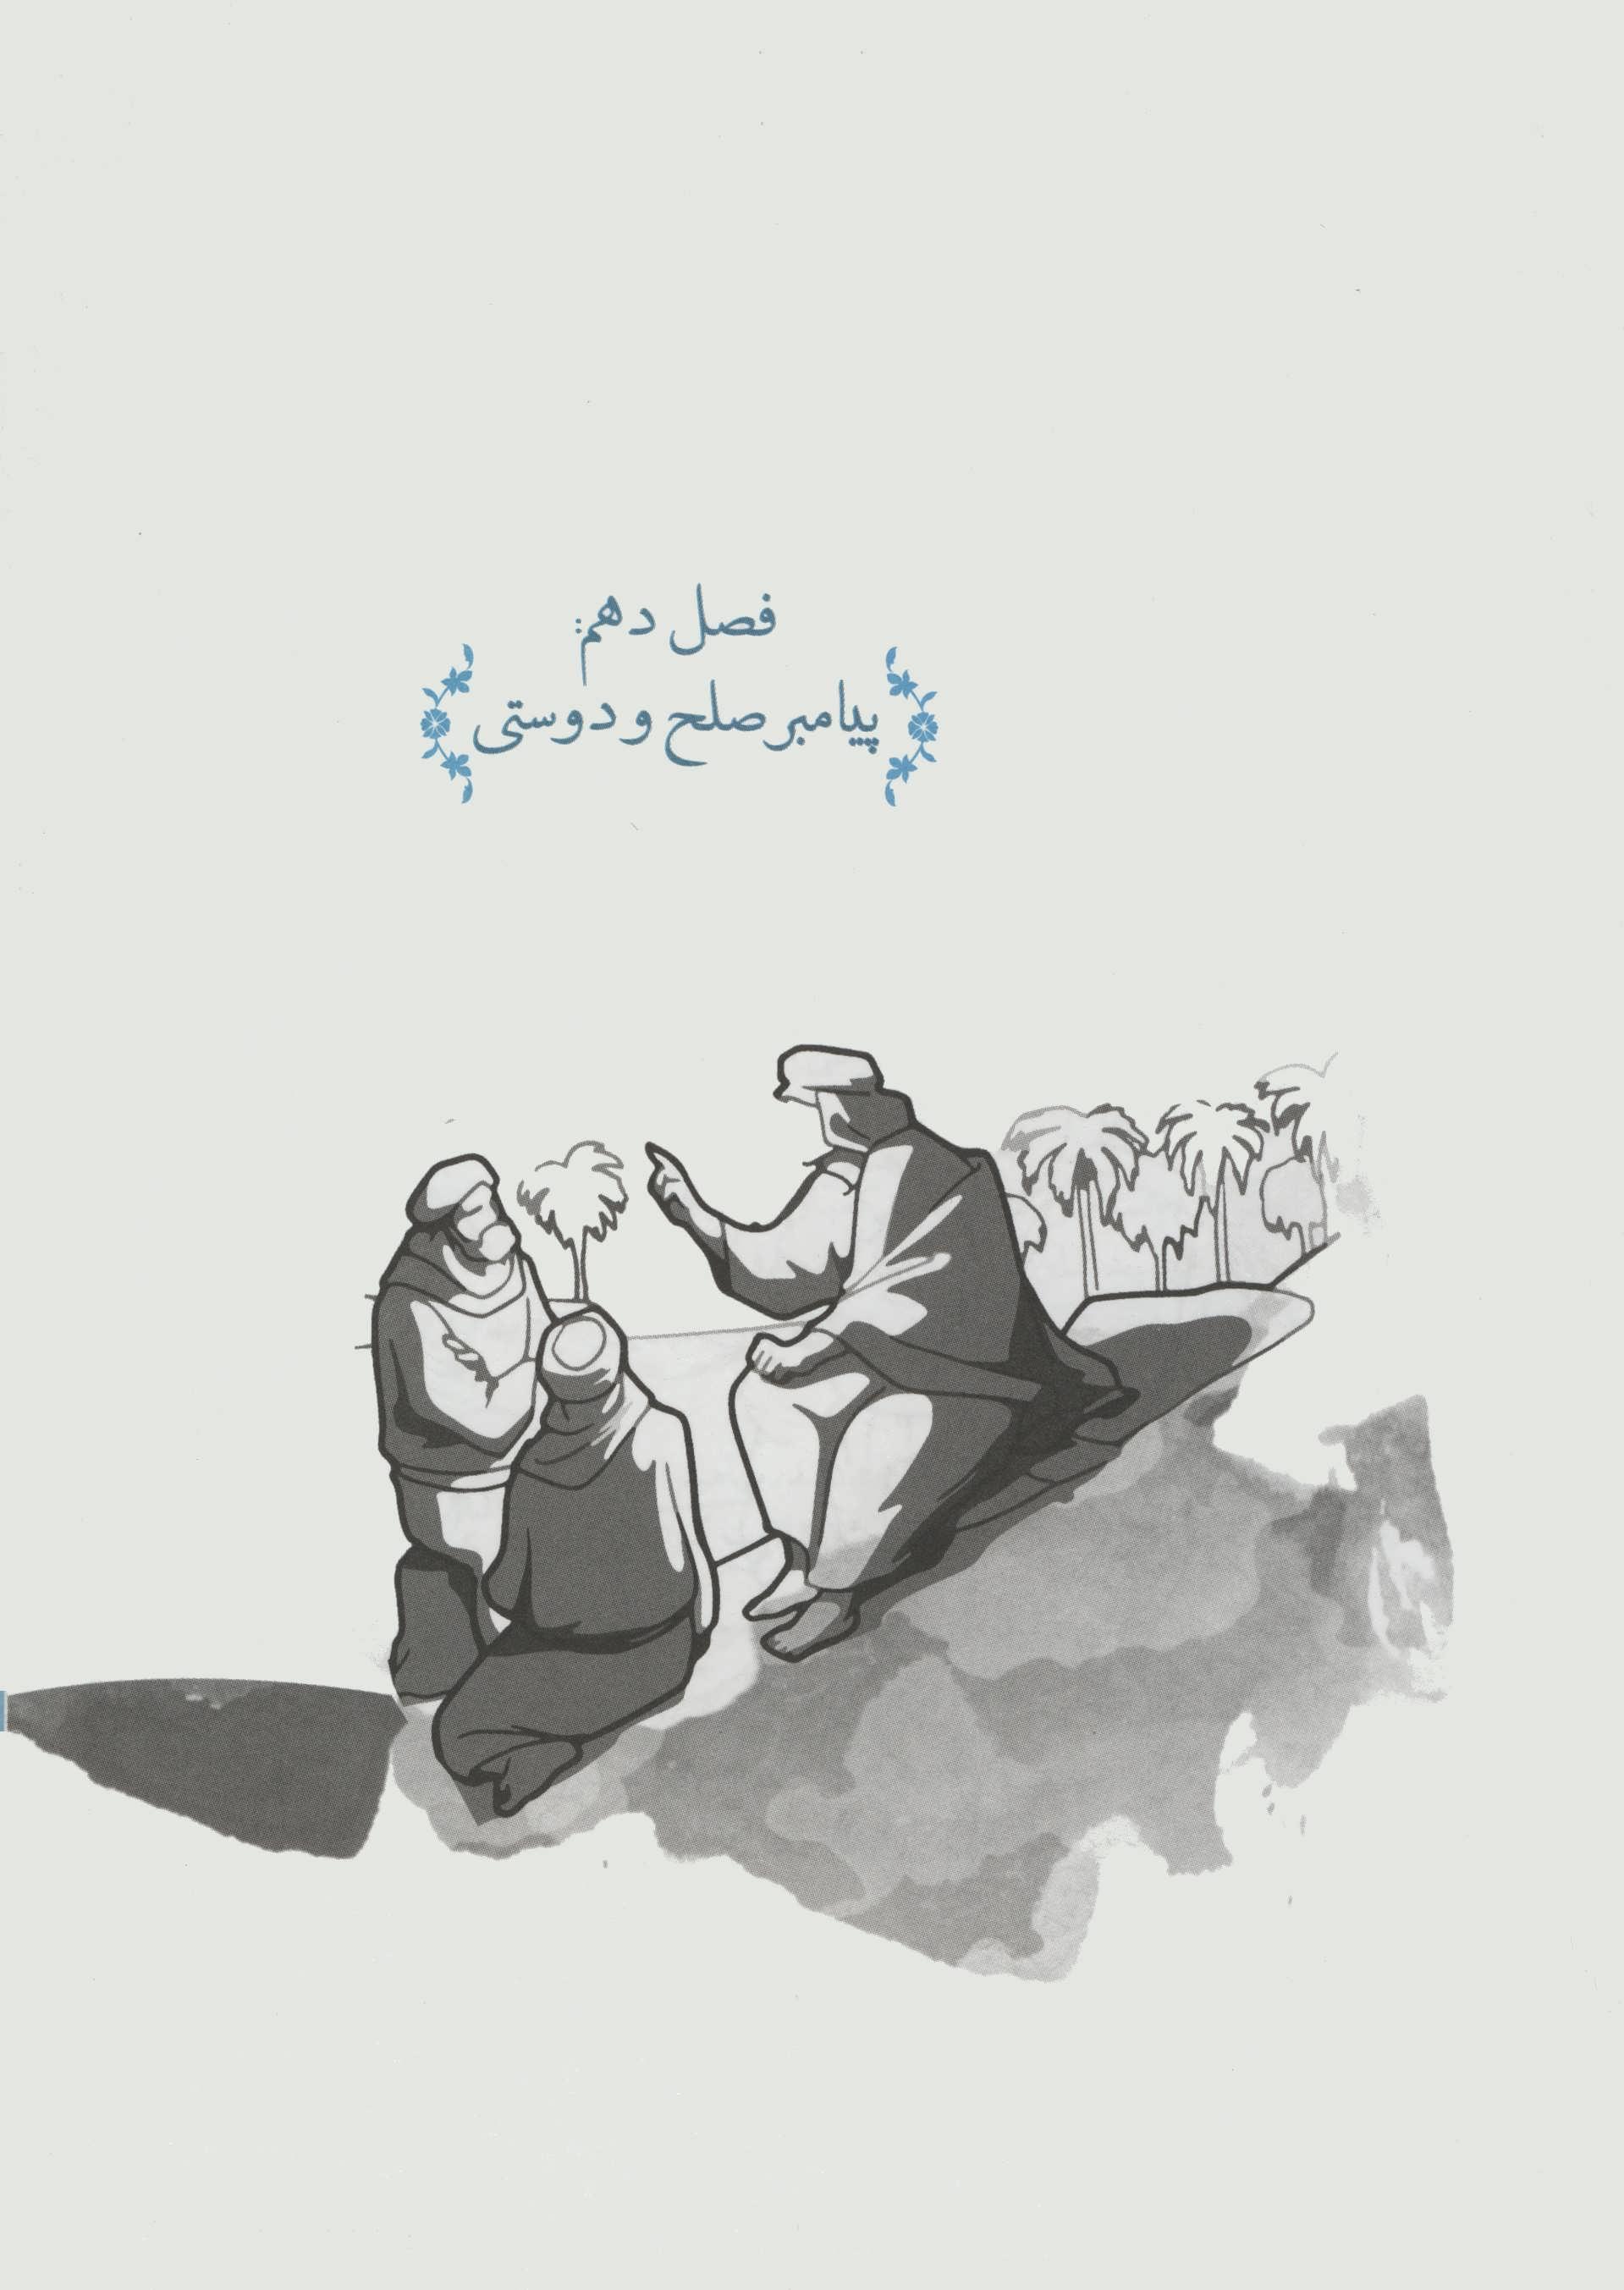 شهری پر از مهربانی و مبارزه (یاران پیامبر 2)